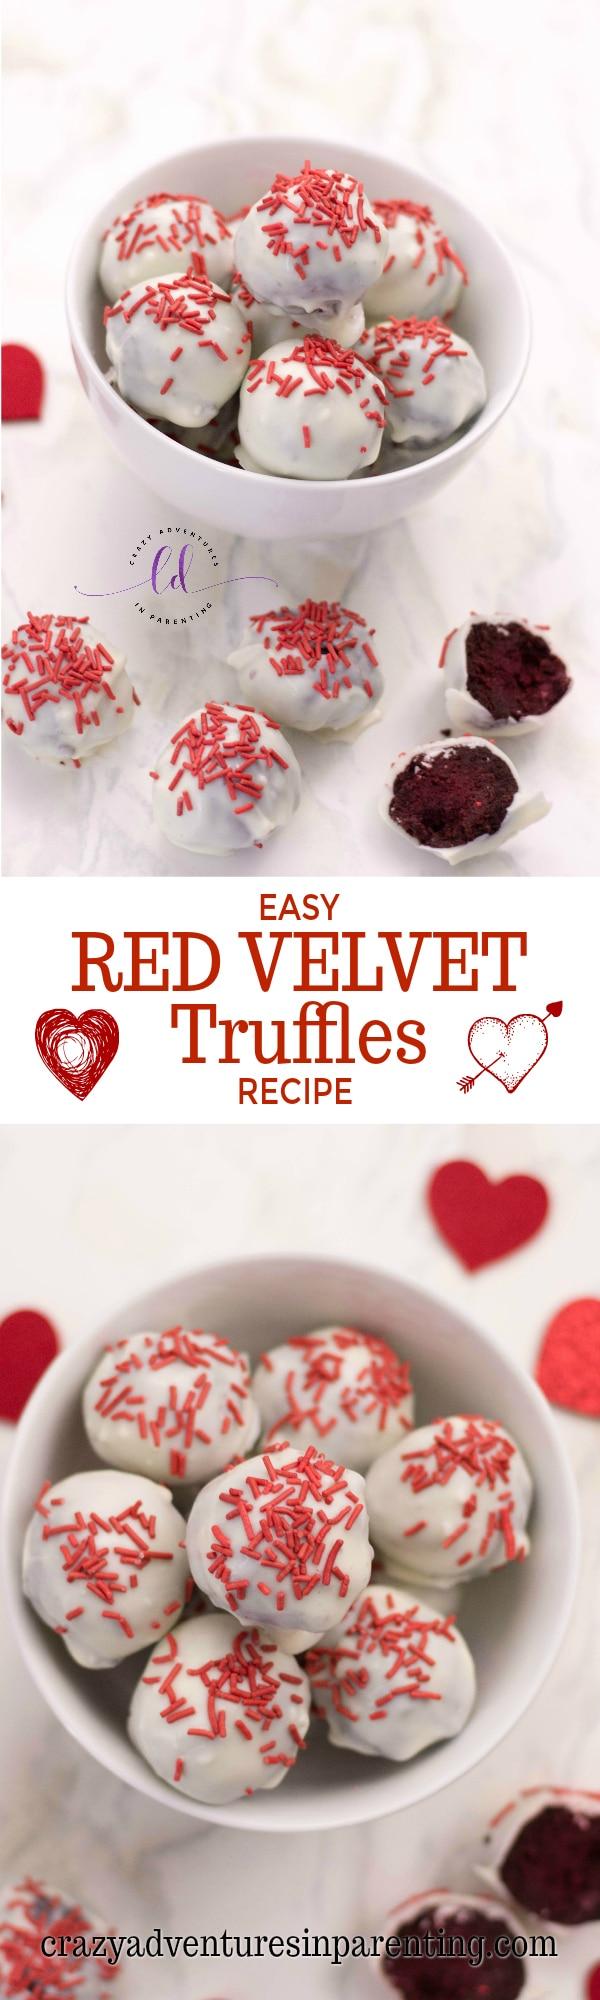 Easy Red Velvet Truffles Recipe